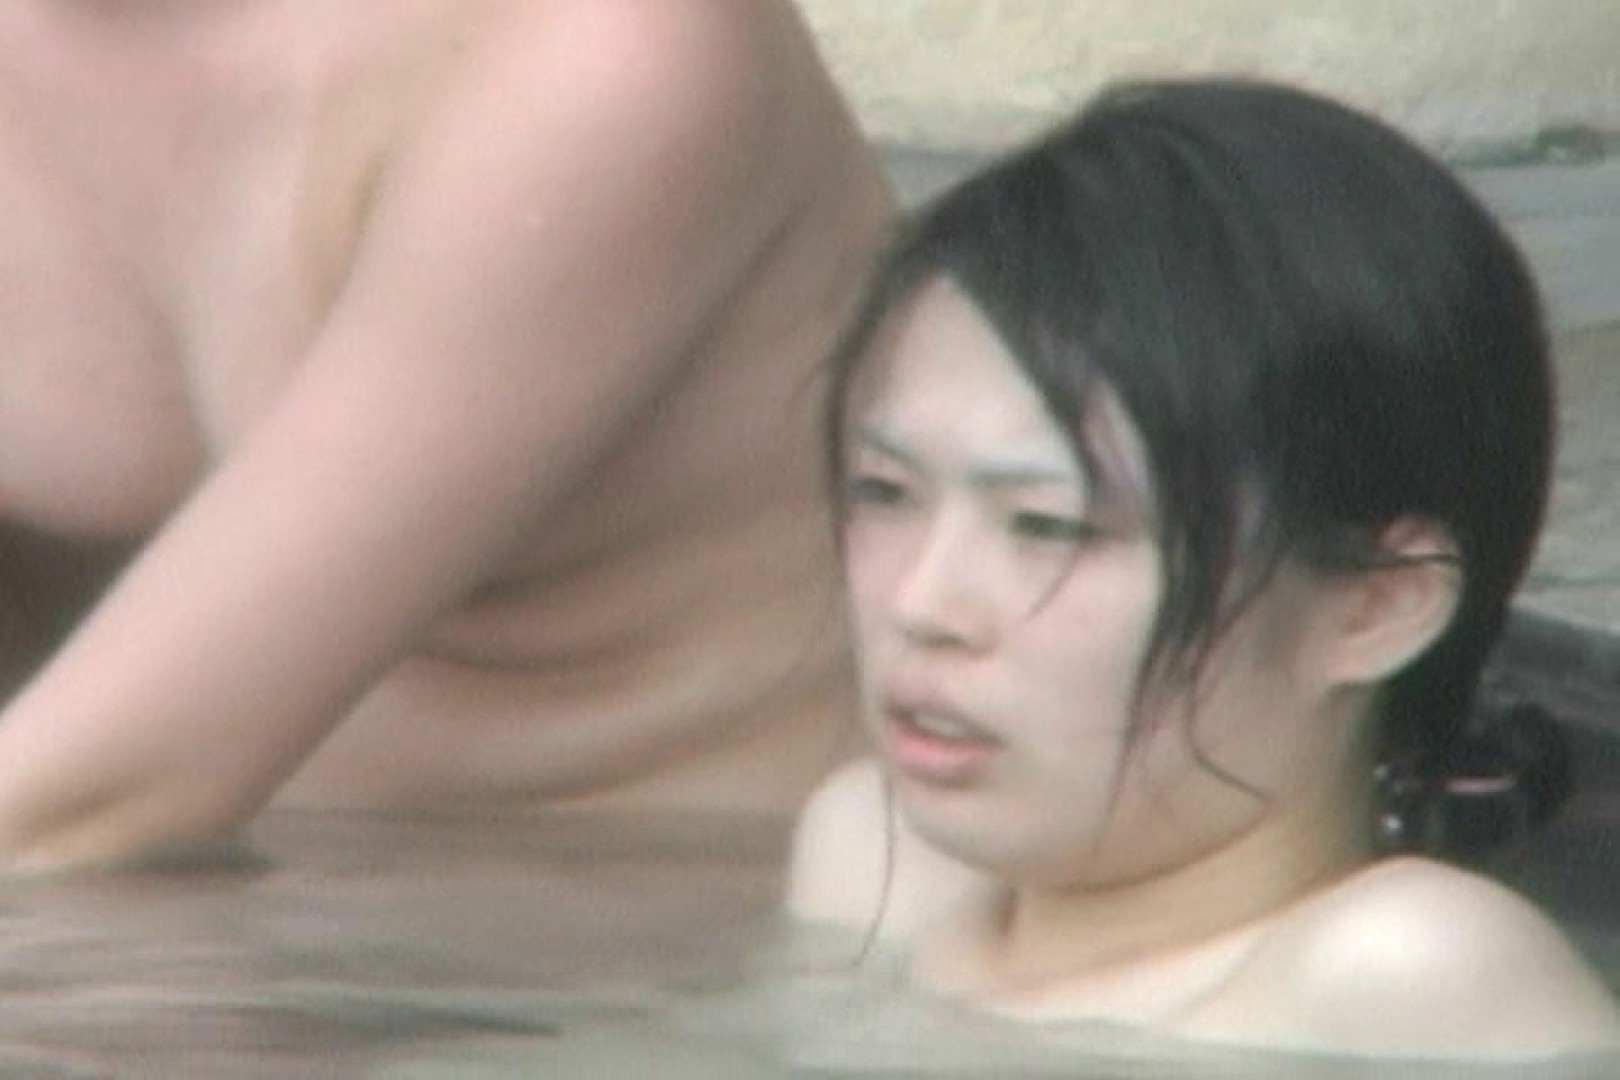 Aquaな露天風呂Vol.593 OLのエロ生活  45連発 36